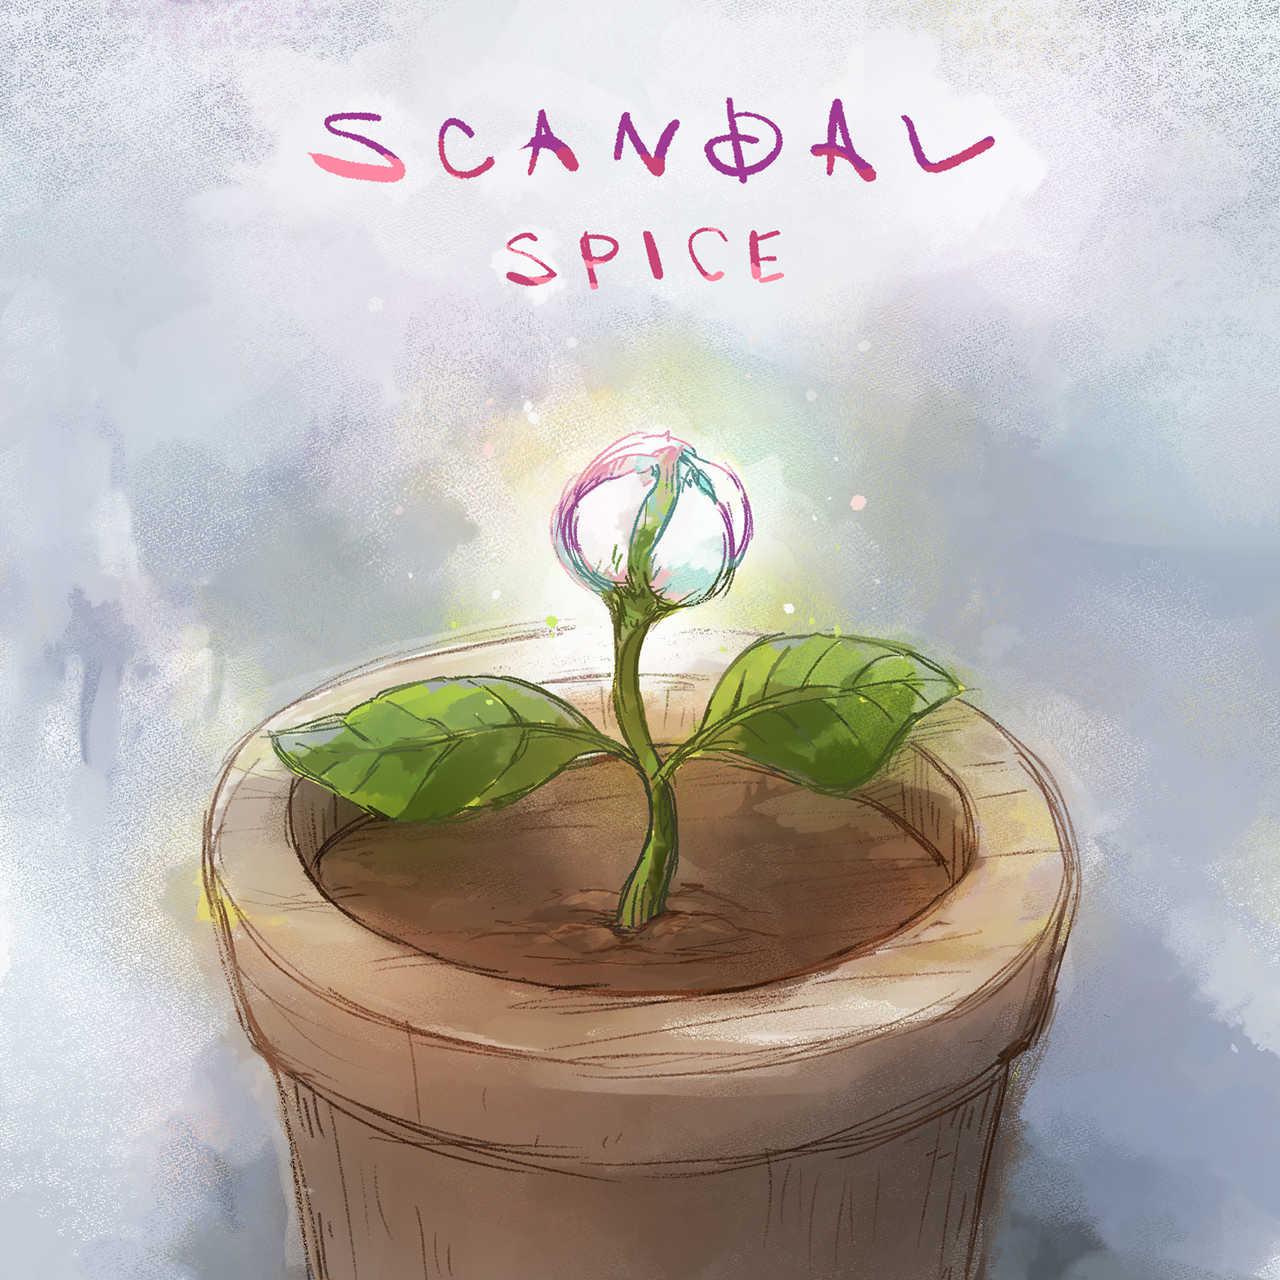 SCANDAL「SPICE」は自分らしさに悩む人へのスパイシーなメッセージが詰まった一曲